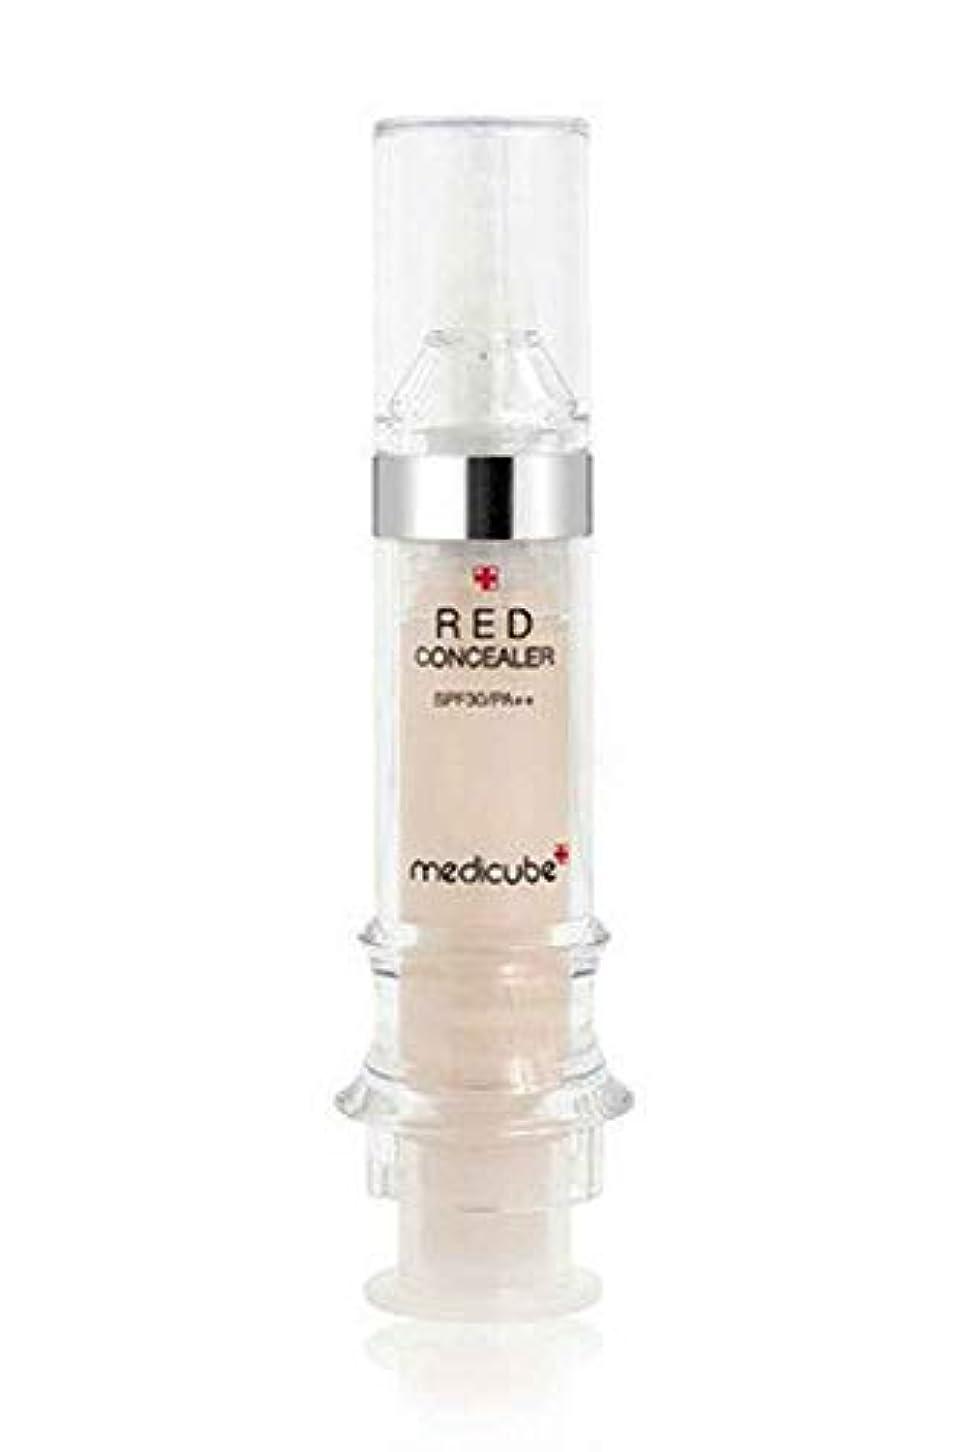 再び超高層ビルクリック[Medicube]Red Red Concealer #21 5.5ml メディキューブ レッドコンシーラー#21 5.5ml [並行輸入品]